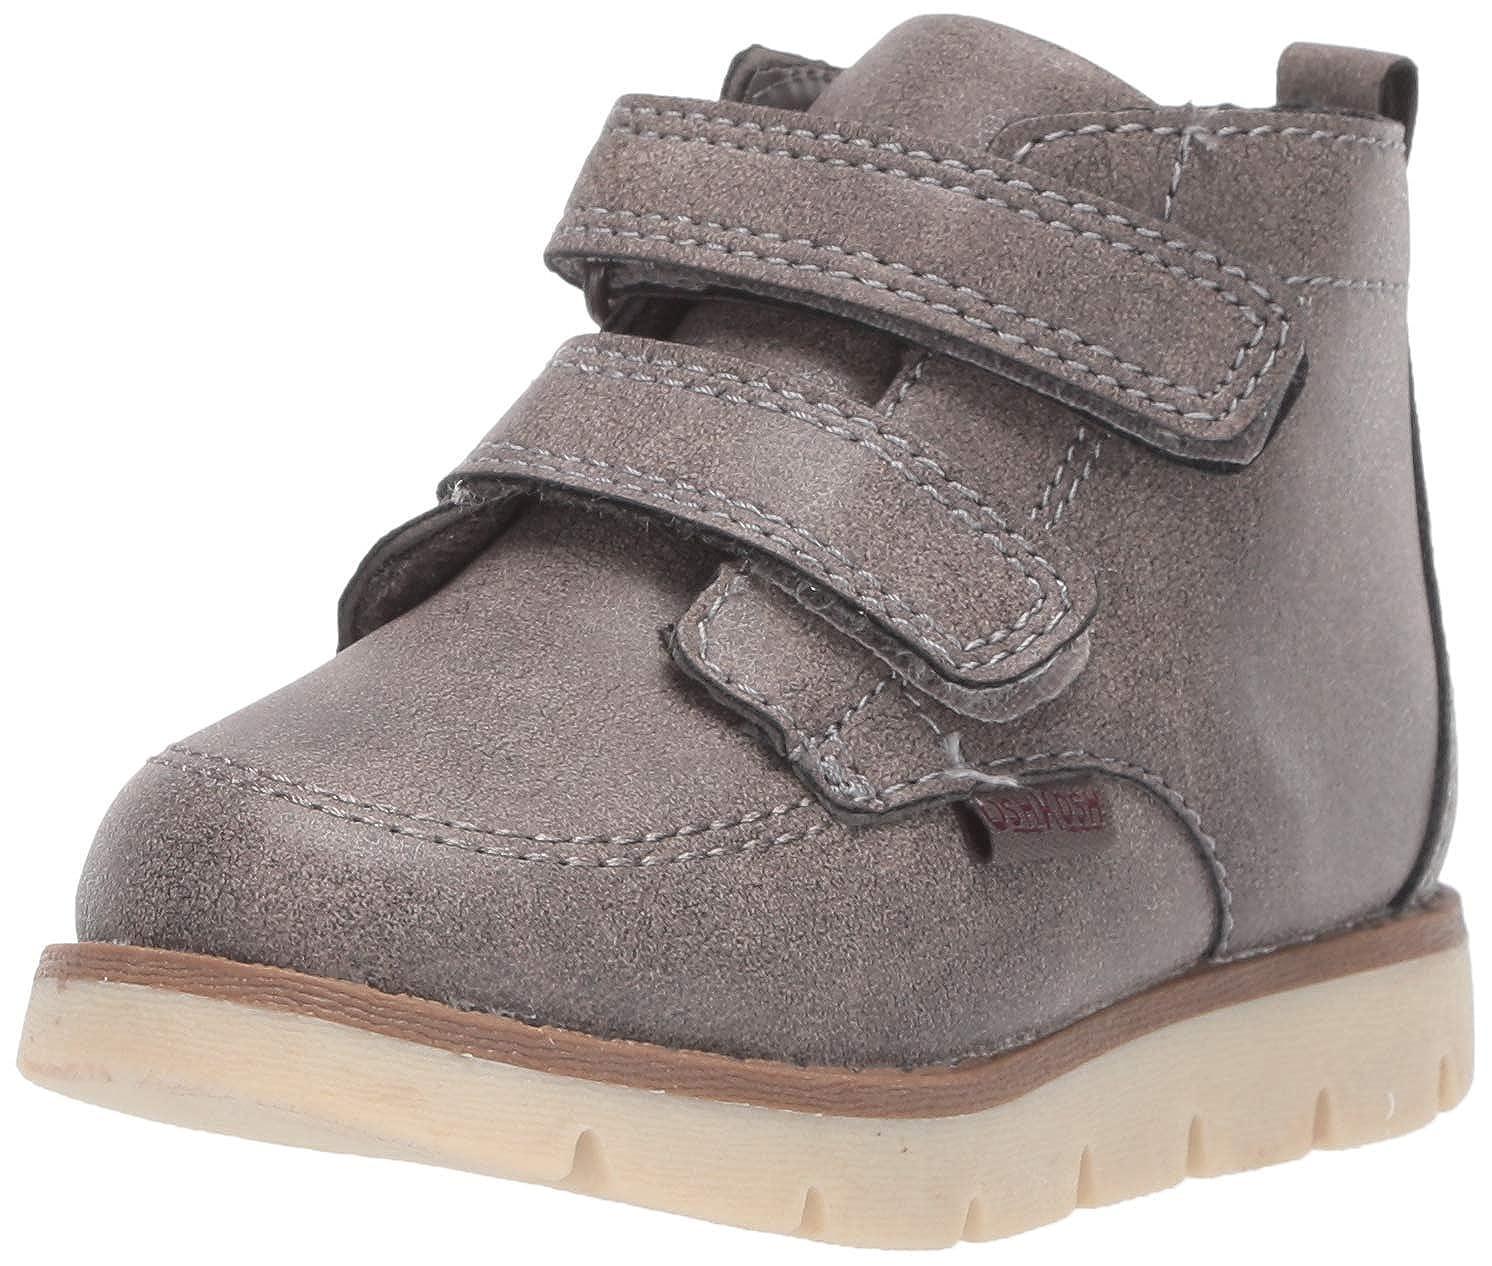 OshKosh BGosh Kids Pierce Chukka Boot